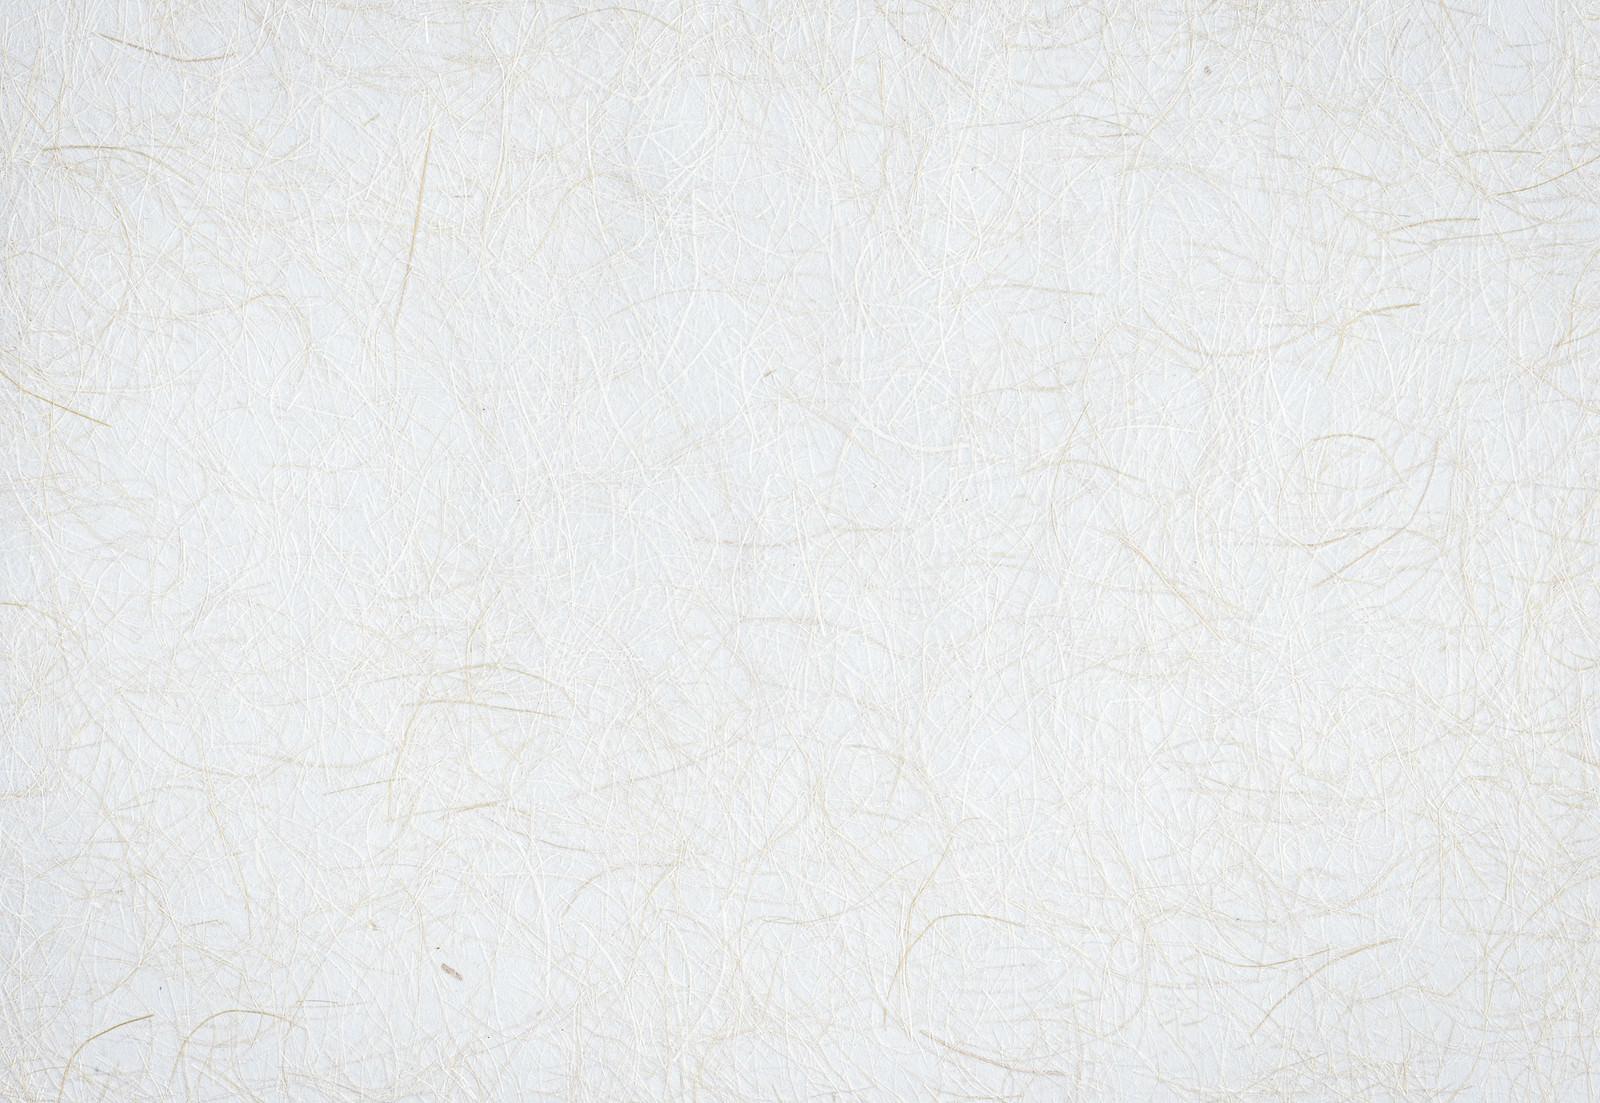 「繊維和紙(テクスチャ)」の写真